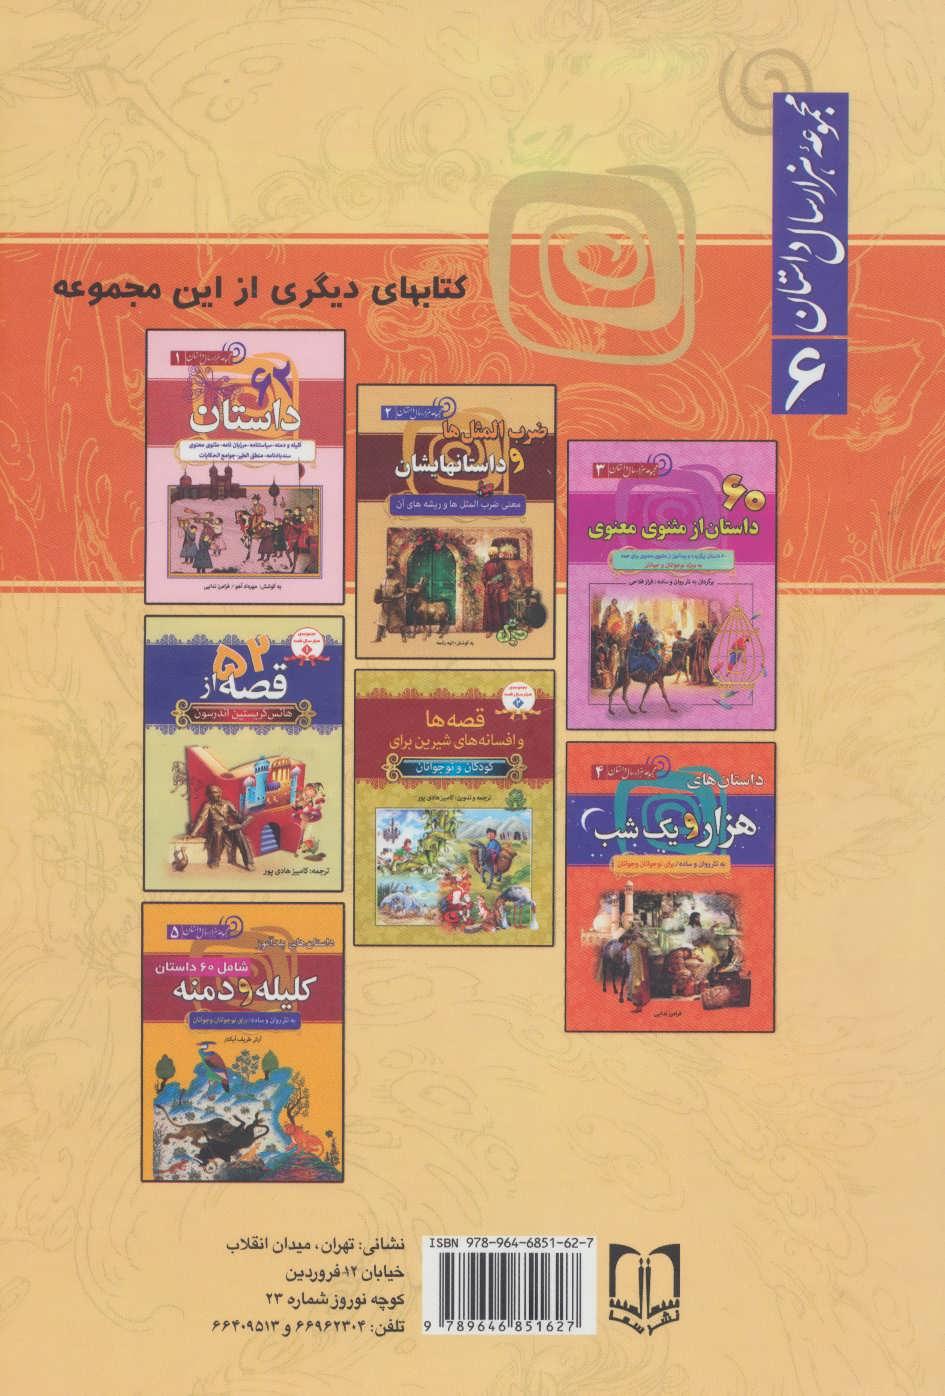 مجموعه هزار سال داستان 6 (داستان های شاهنامه فردوسی)